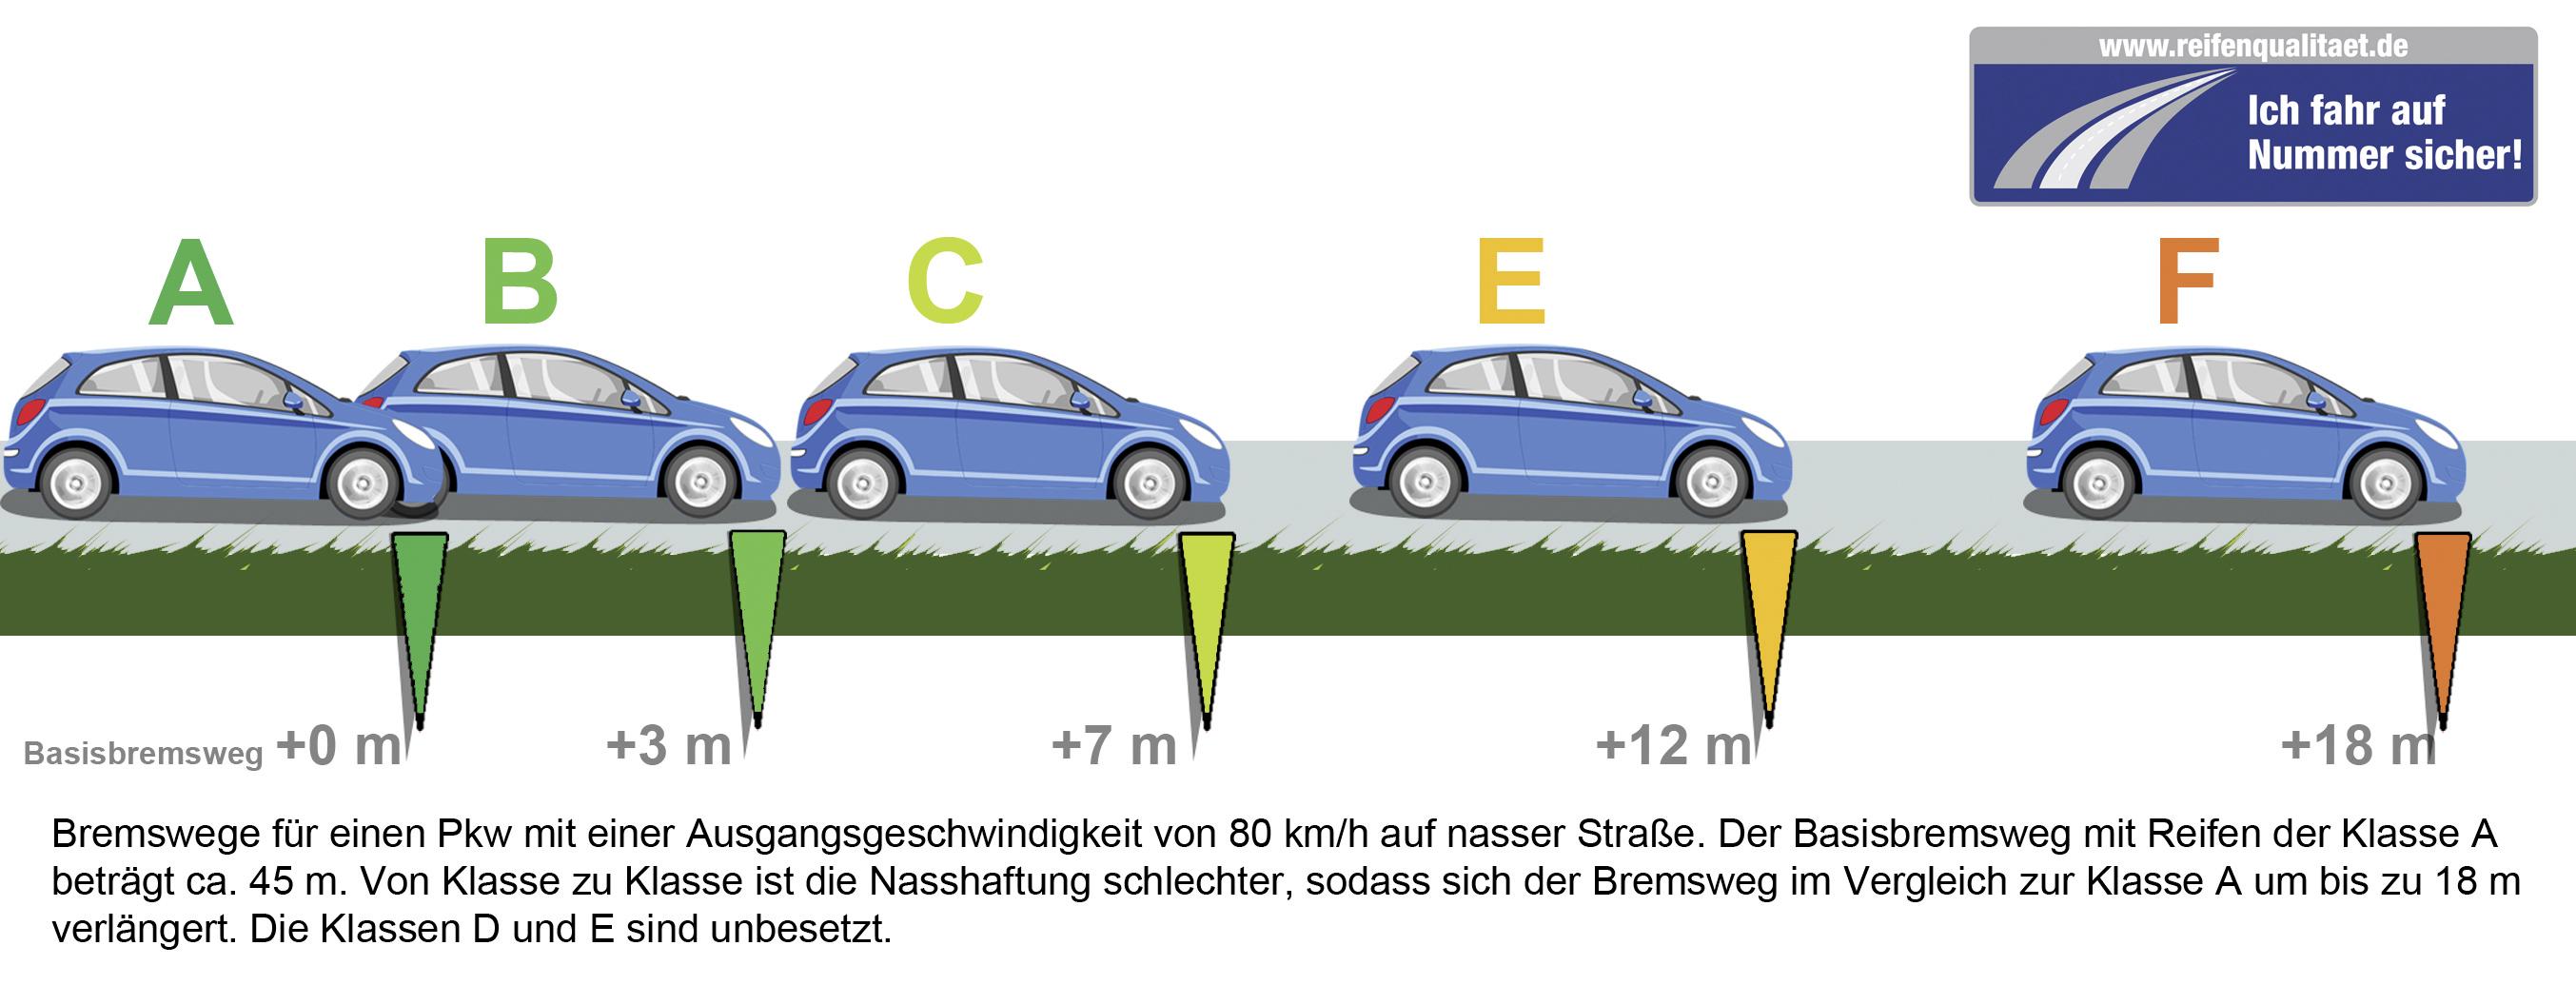 Bremswege von Sommerreifen bei nasser oder trockener Fahrbahn mit Reifentests Bildquelle: reifenqualitaet.de